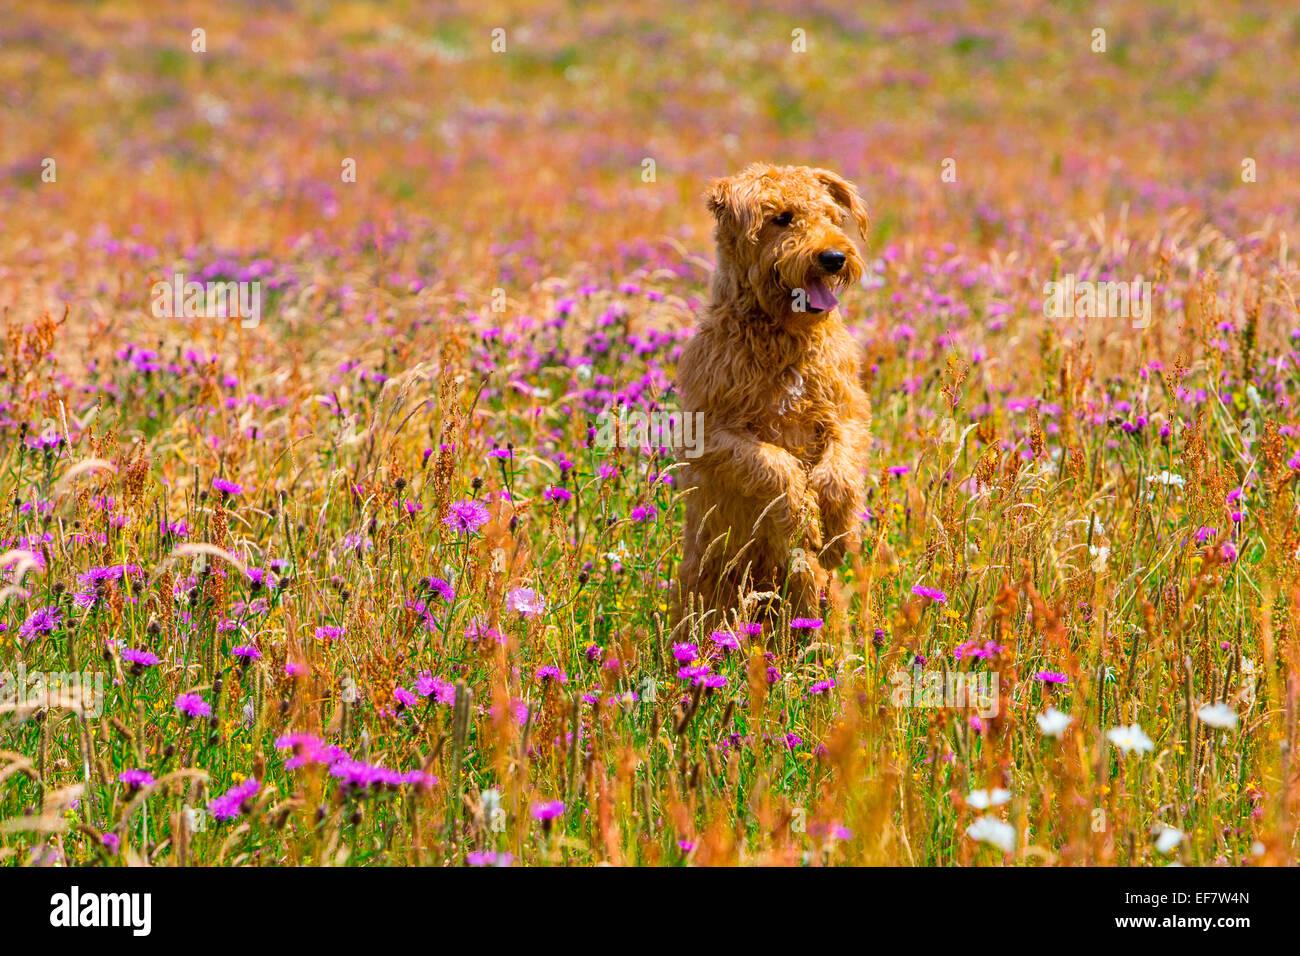 Terrier cane in piedi sulle zampe posteriori nel prato di fiori selvaggi Immagini Stock